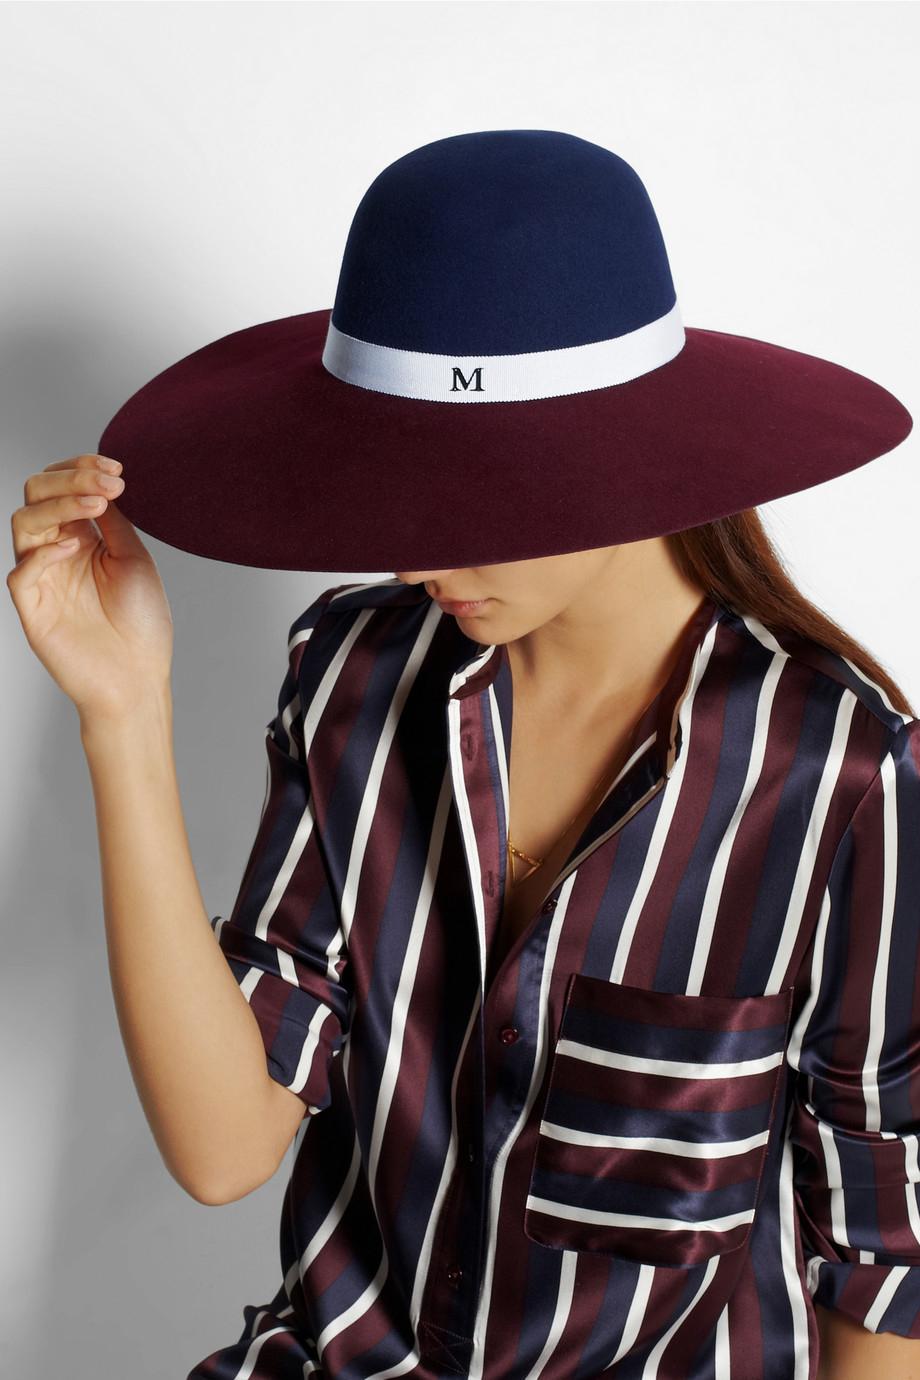 Maison michel blanche widebrim rabbitfelt hat in red lyst for Maison michel